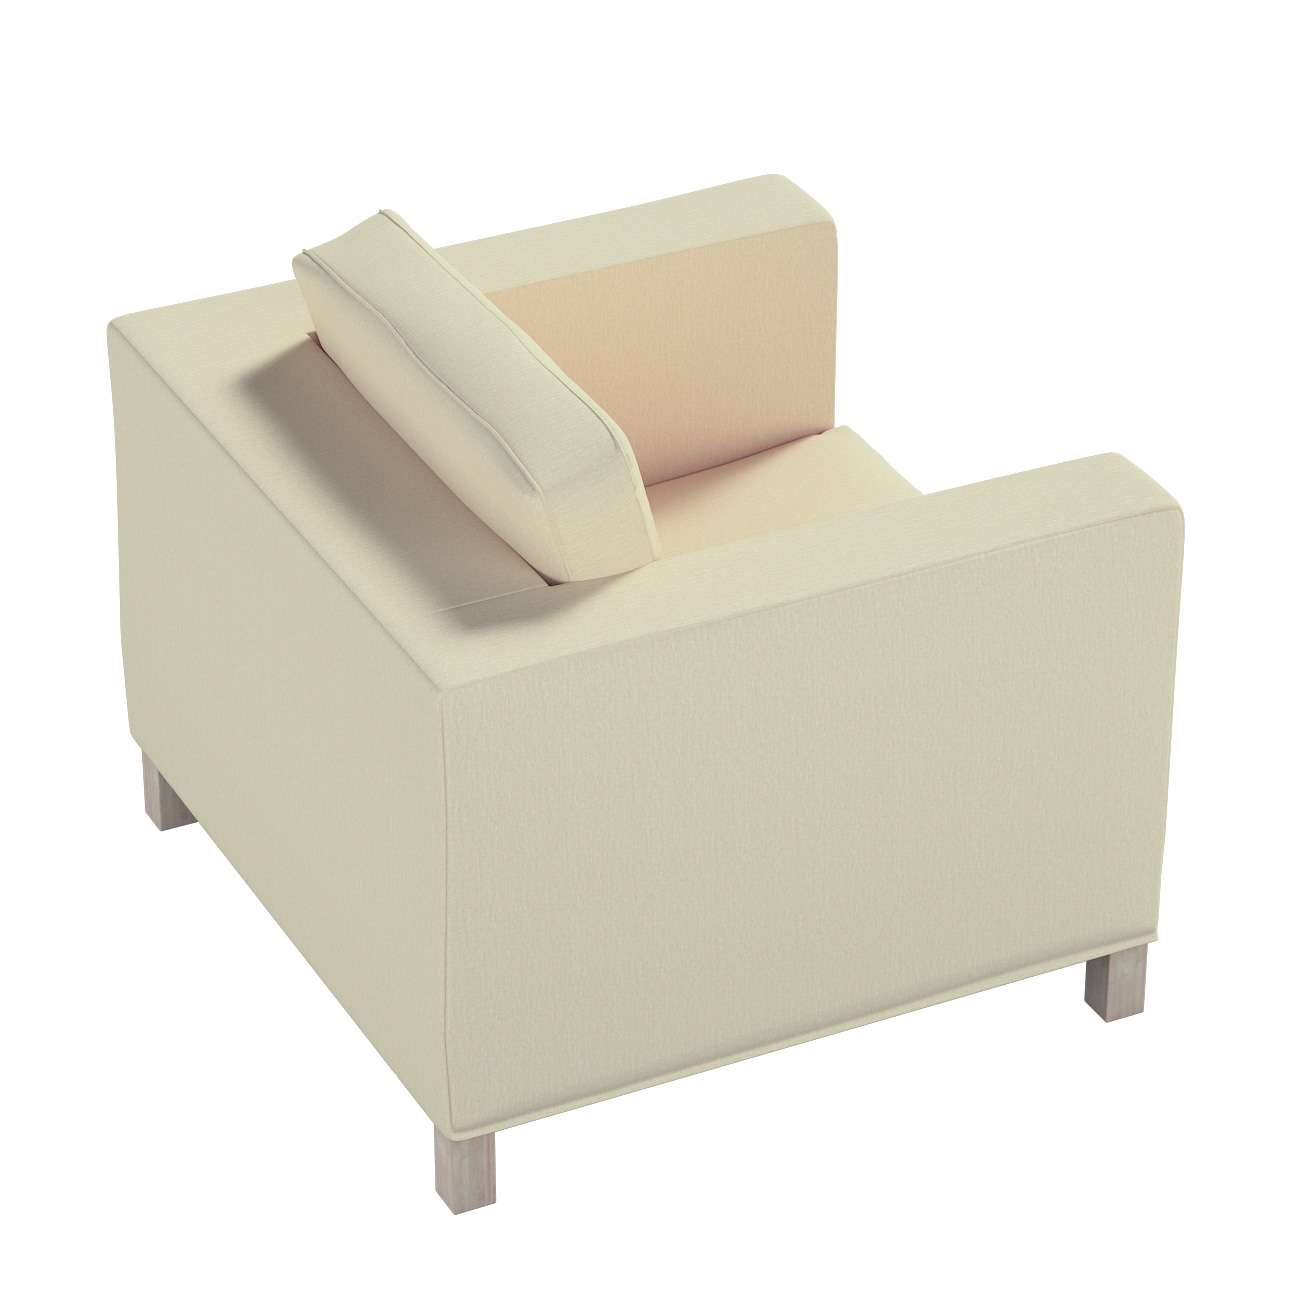 Pokrowiec na fotel Karlanda, krótki w kolekcji Chenille, tkanina: 702-22